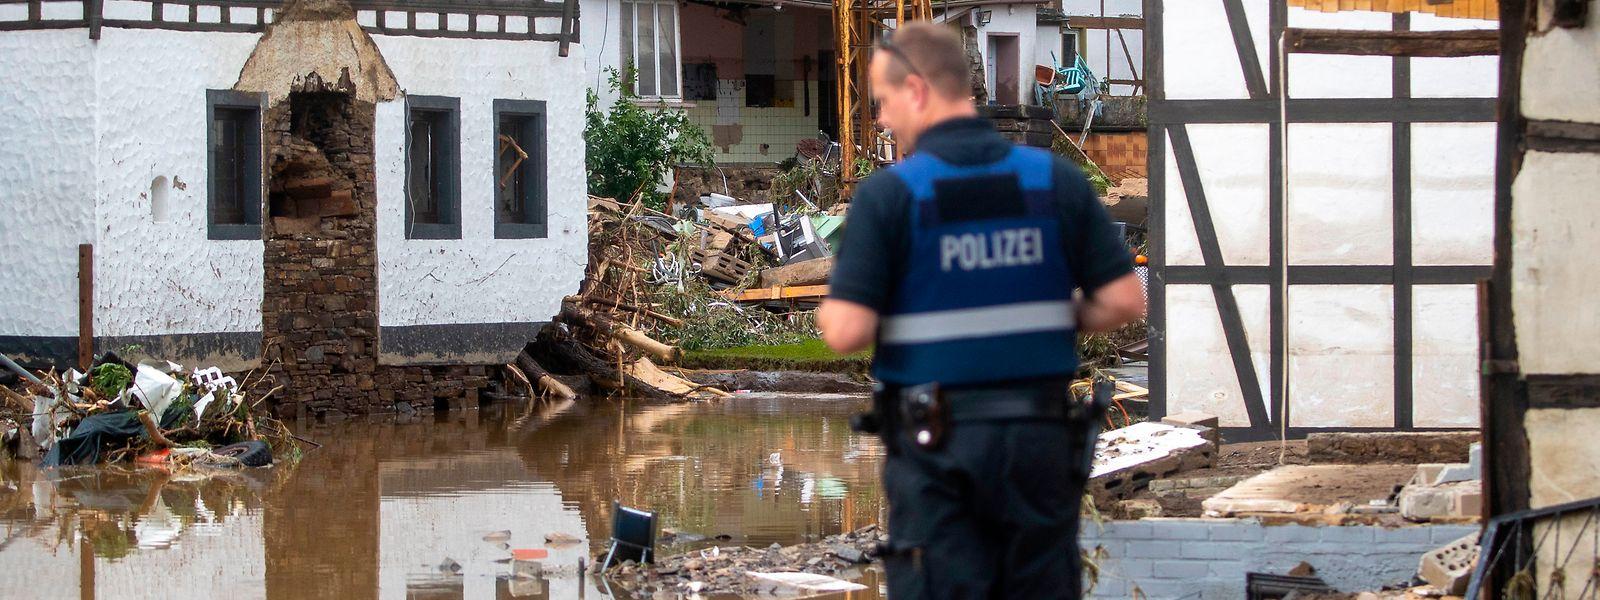 Ein Polizist verschafft sich in dem Ort im Kreis Ahrweiler nach dem Unwetter und den Überschwemmungen einen Überblick.